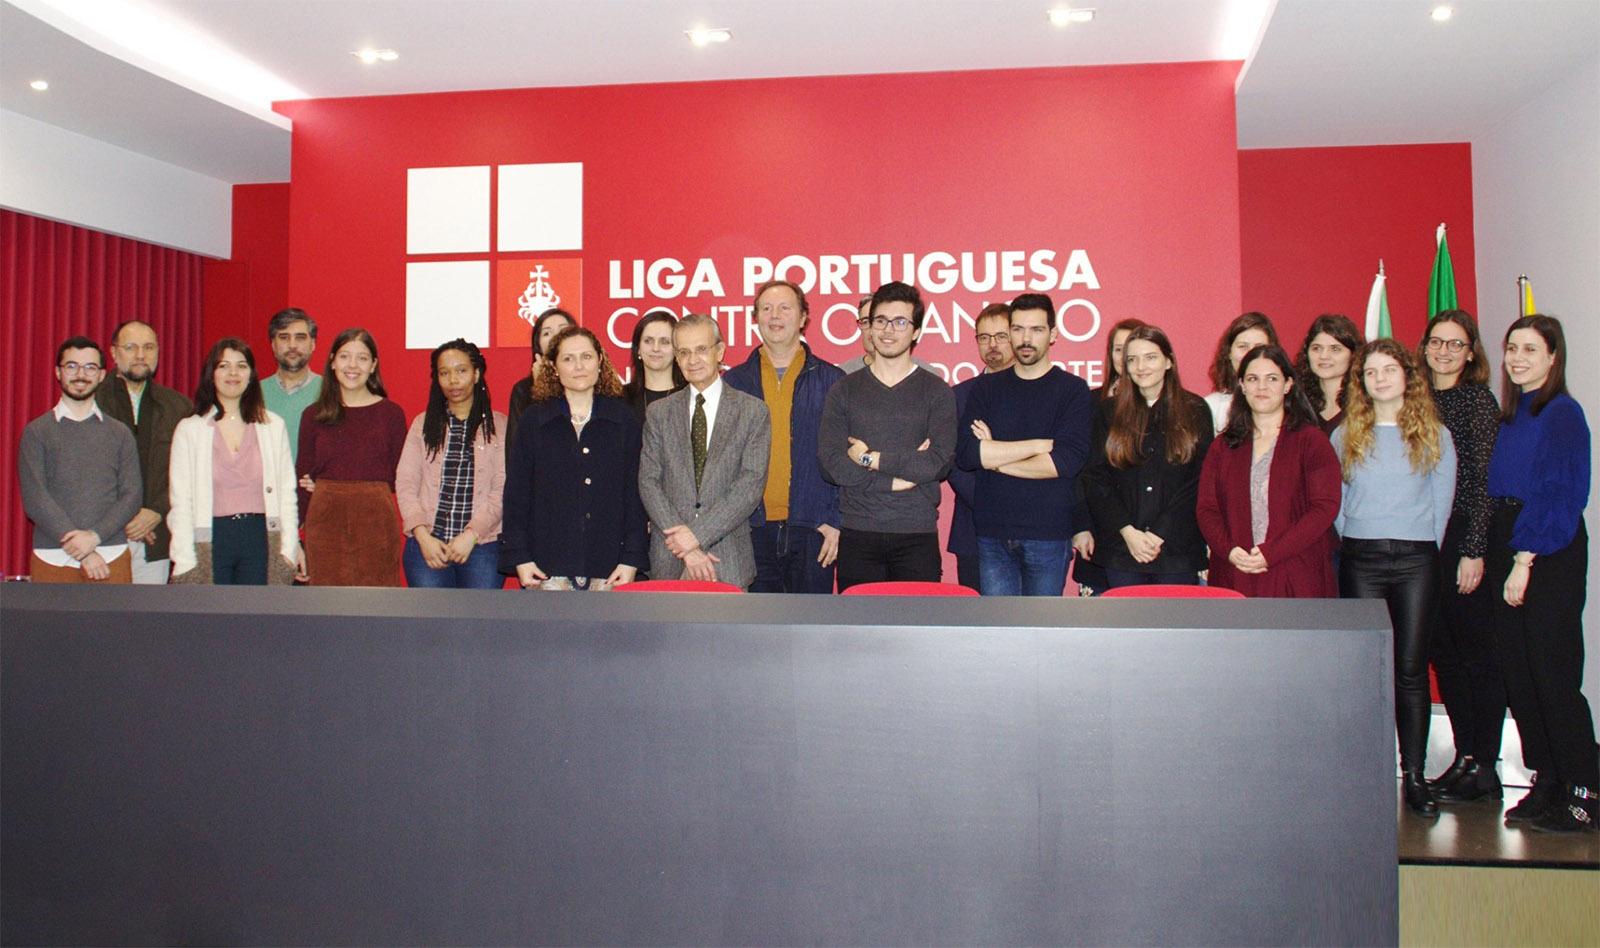 Liga Portuguesa Contra o Cancro distingue jovens investigadores da U.Porto